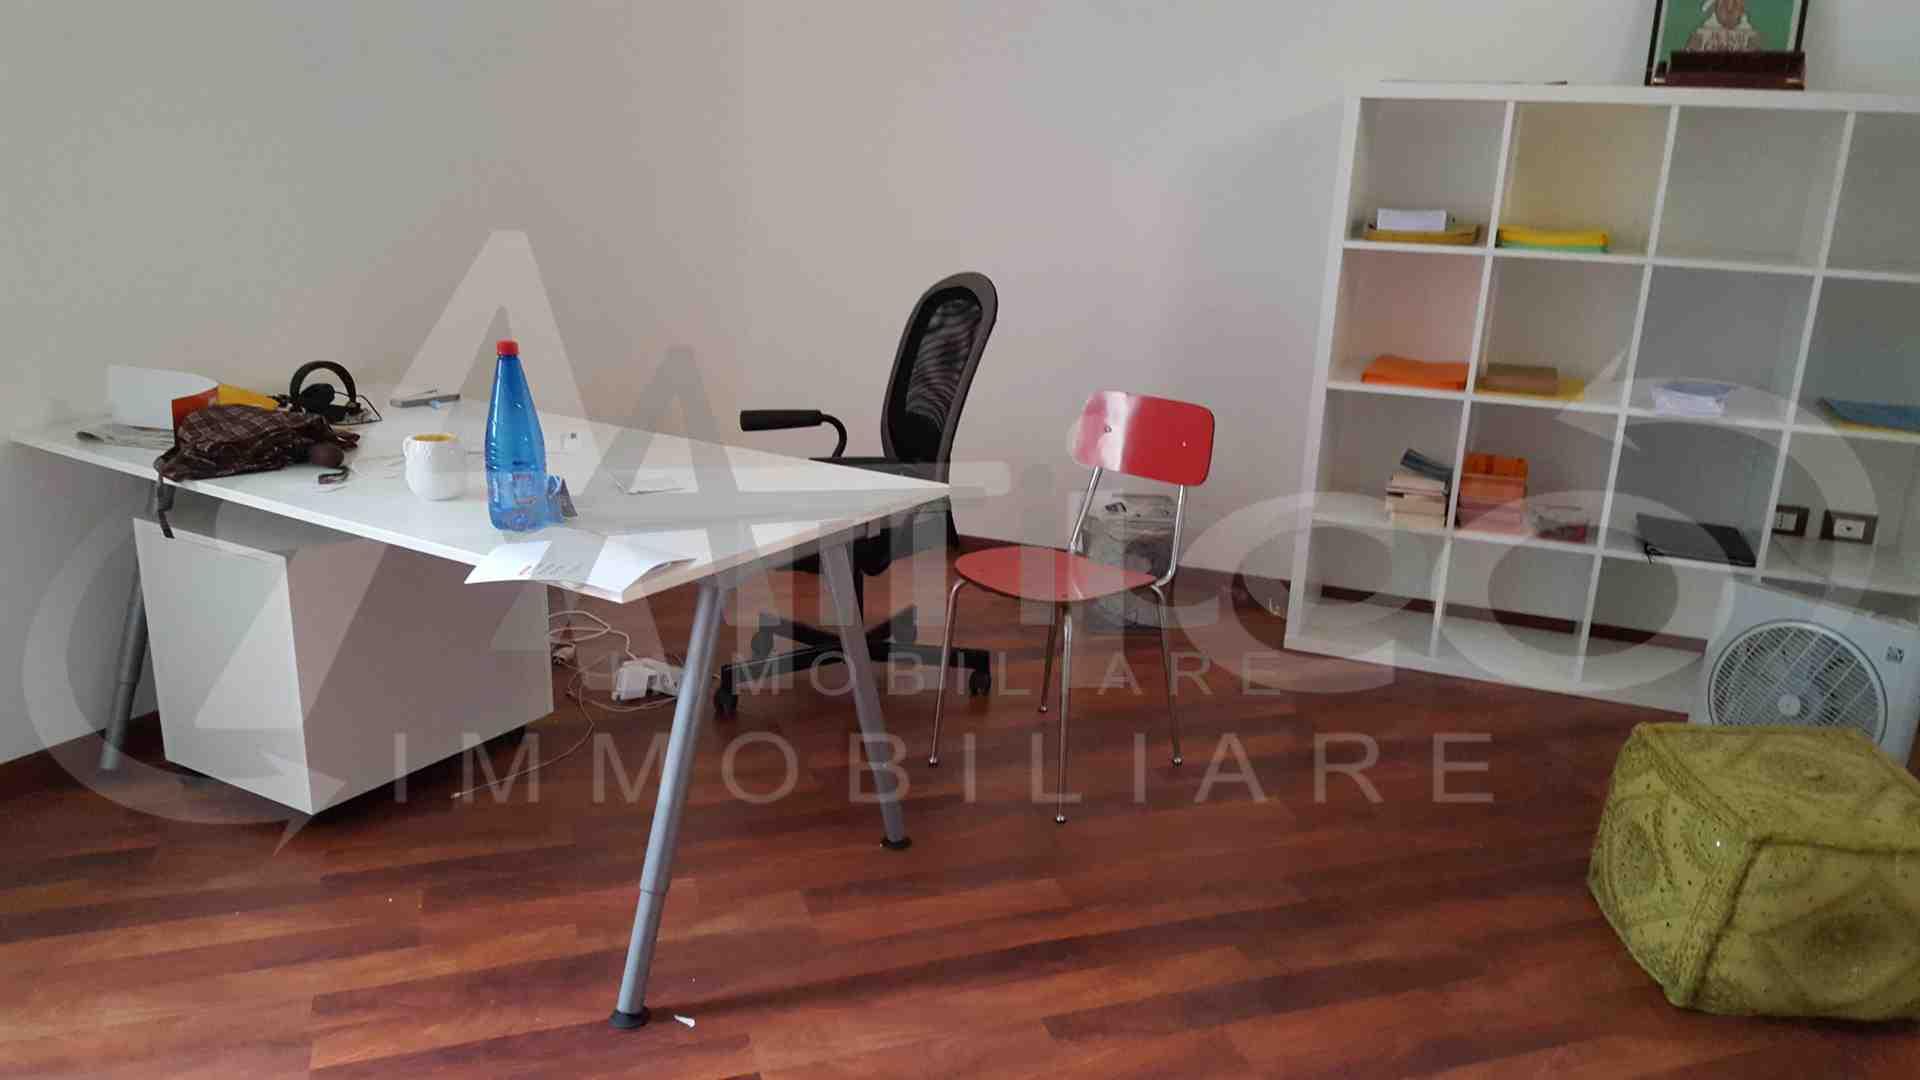 Ufficio Rovigo : Codice f1085 ufficio affitto a rovigo attico immobiliare